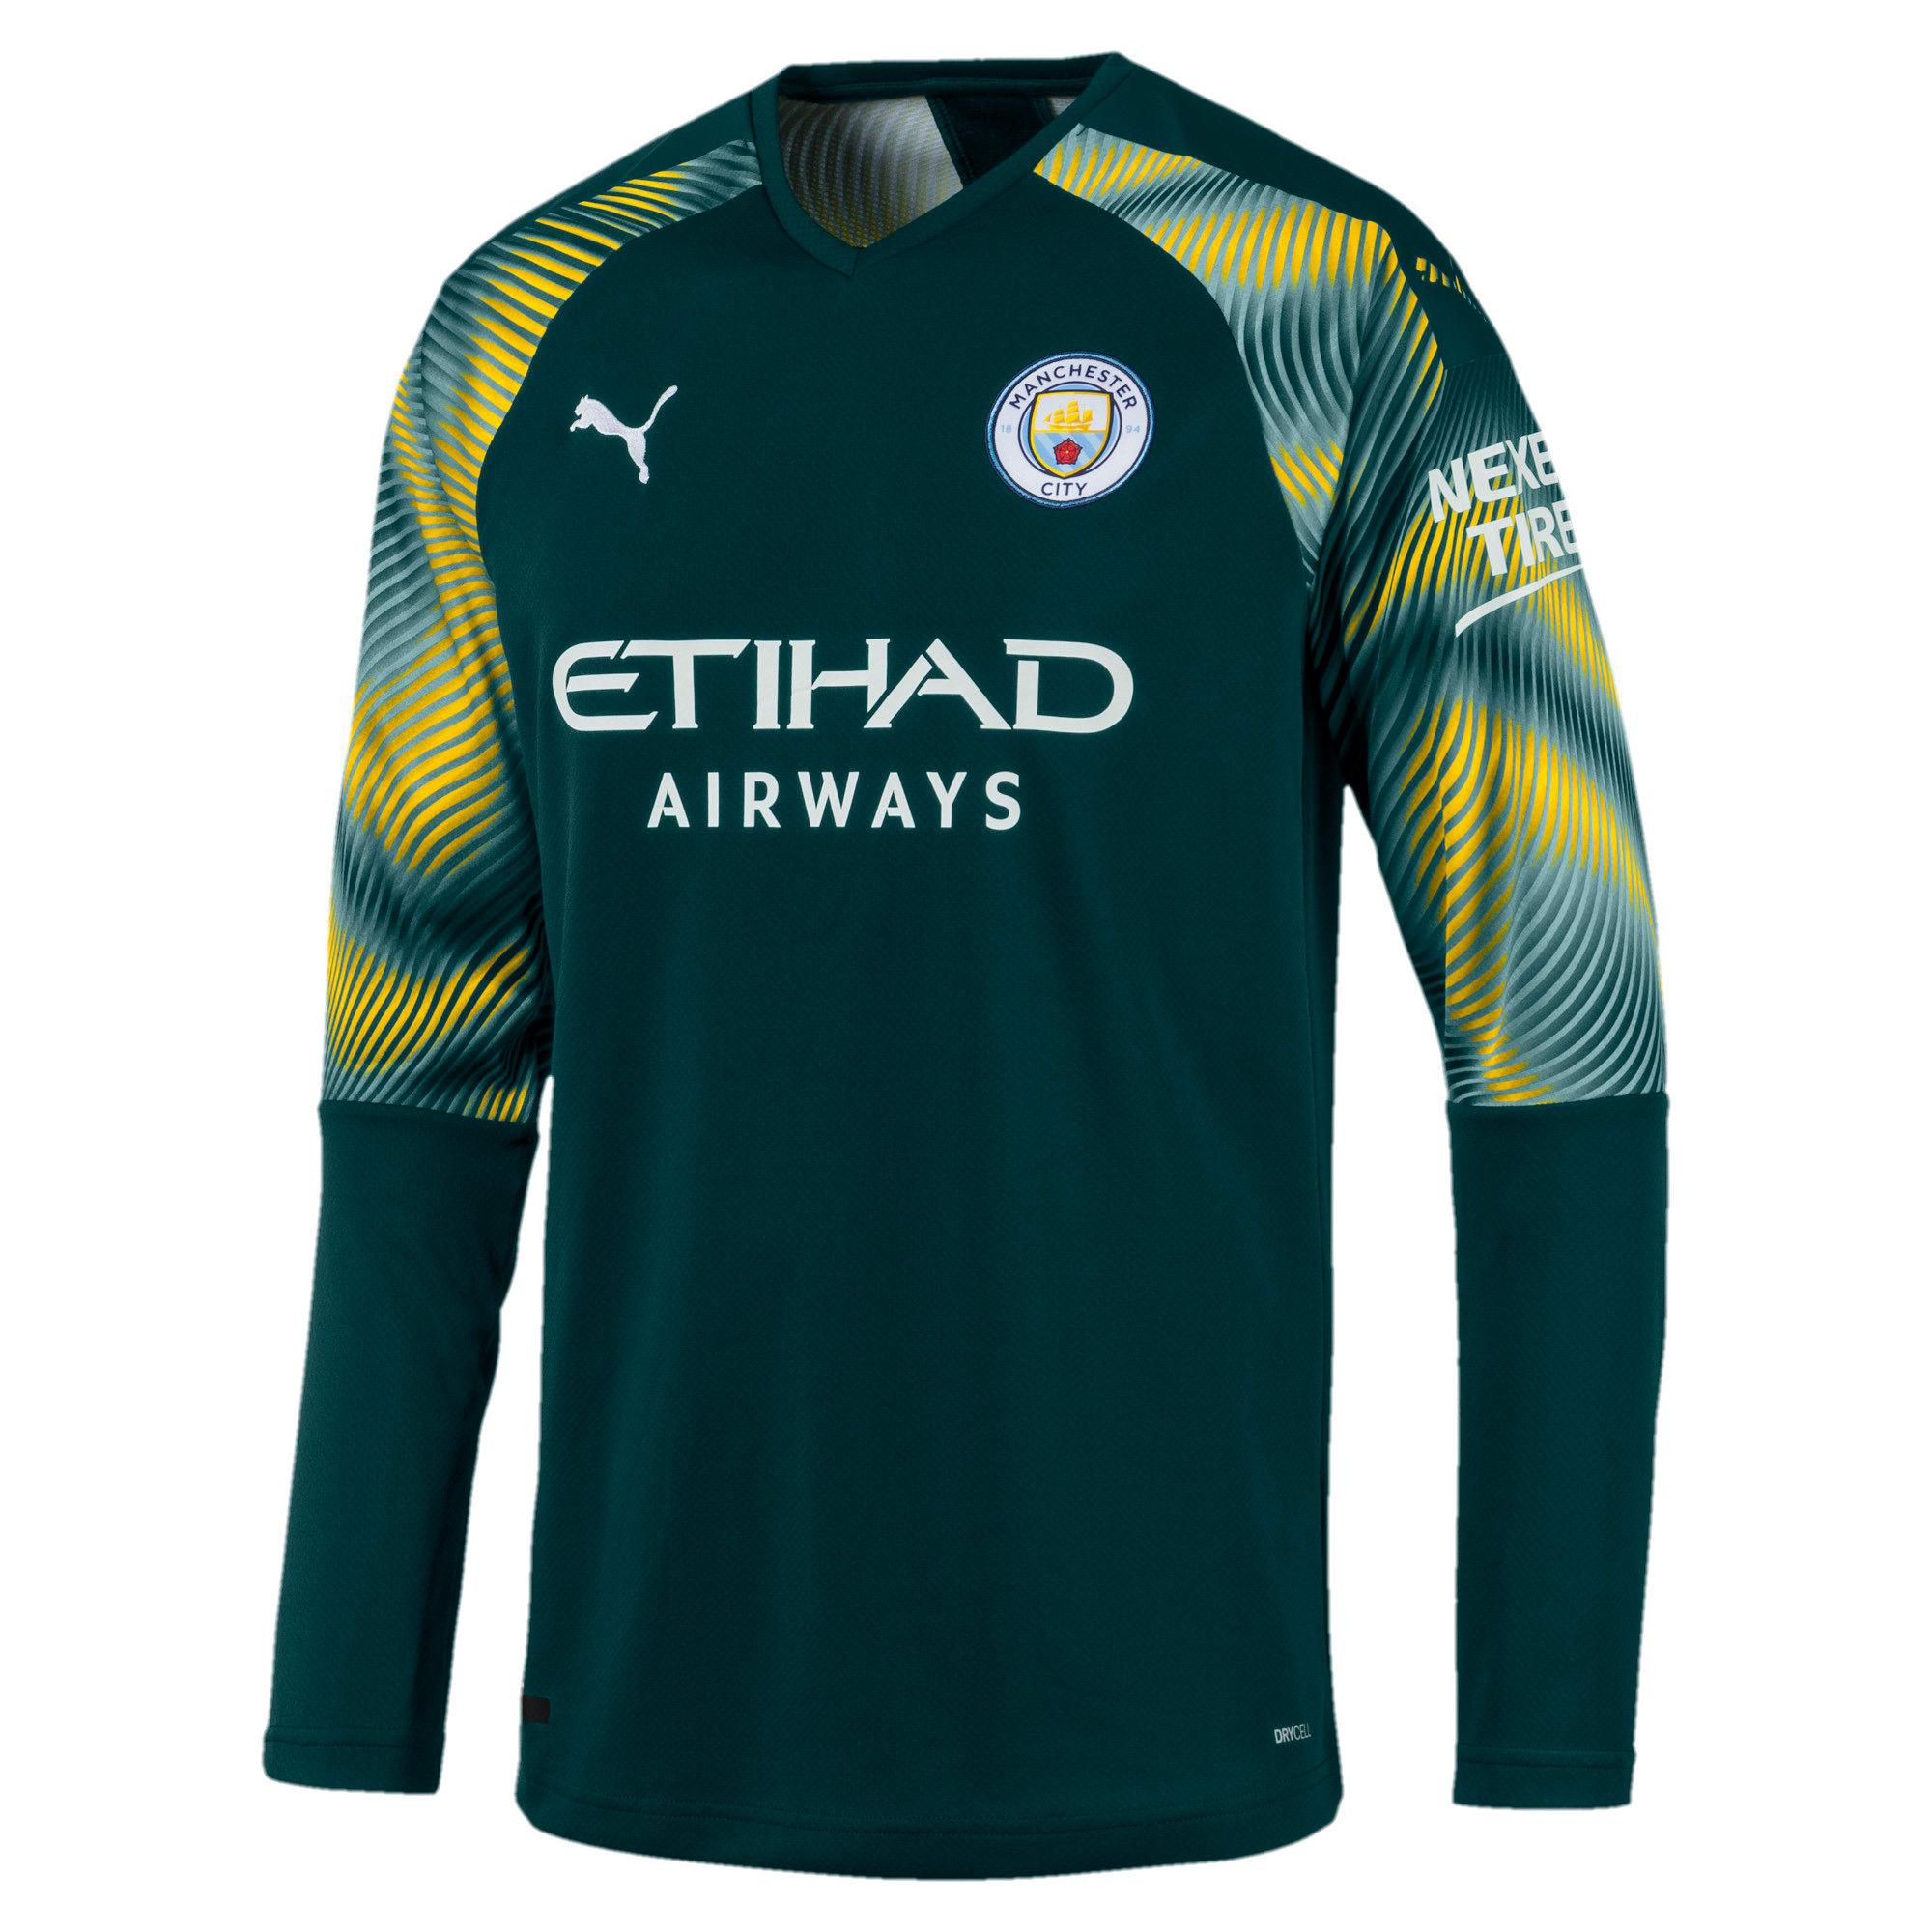 the best attitude a556f 42227 Manchester City FC Men's Goalkeeper Replica Jersey